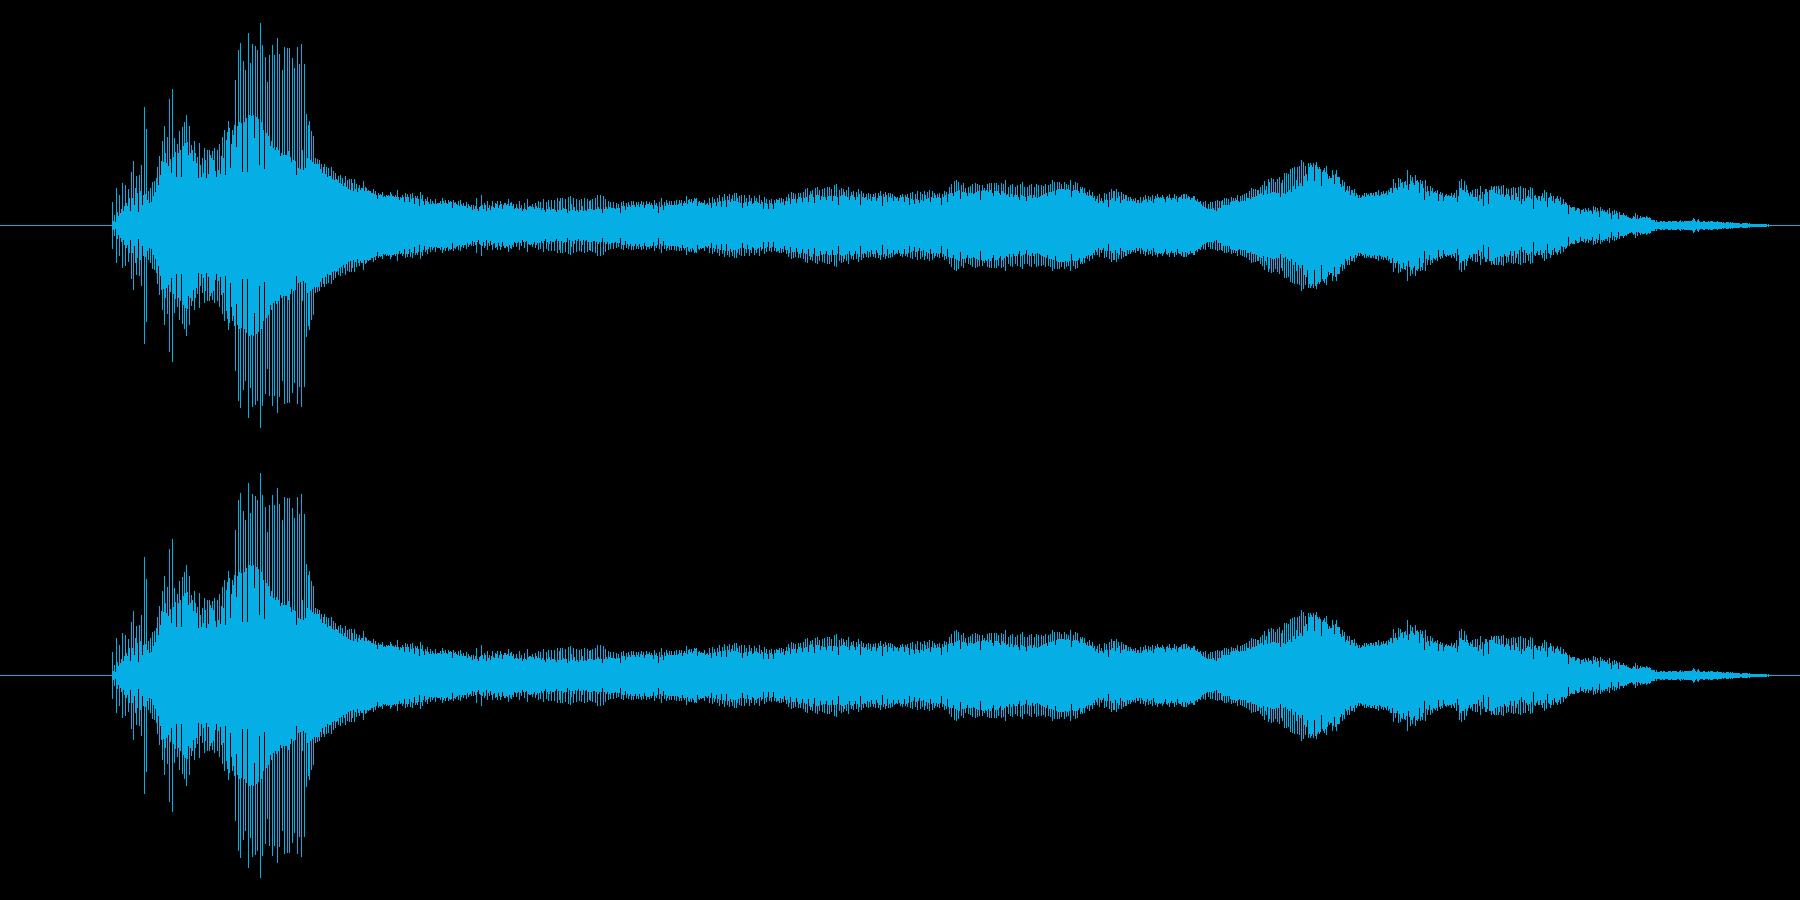 蜂の羽音 ぶーーん ブーンの再生済みの波形